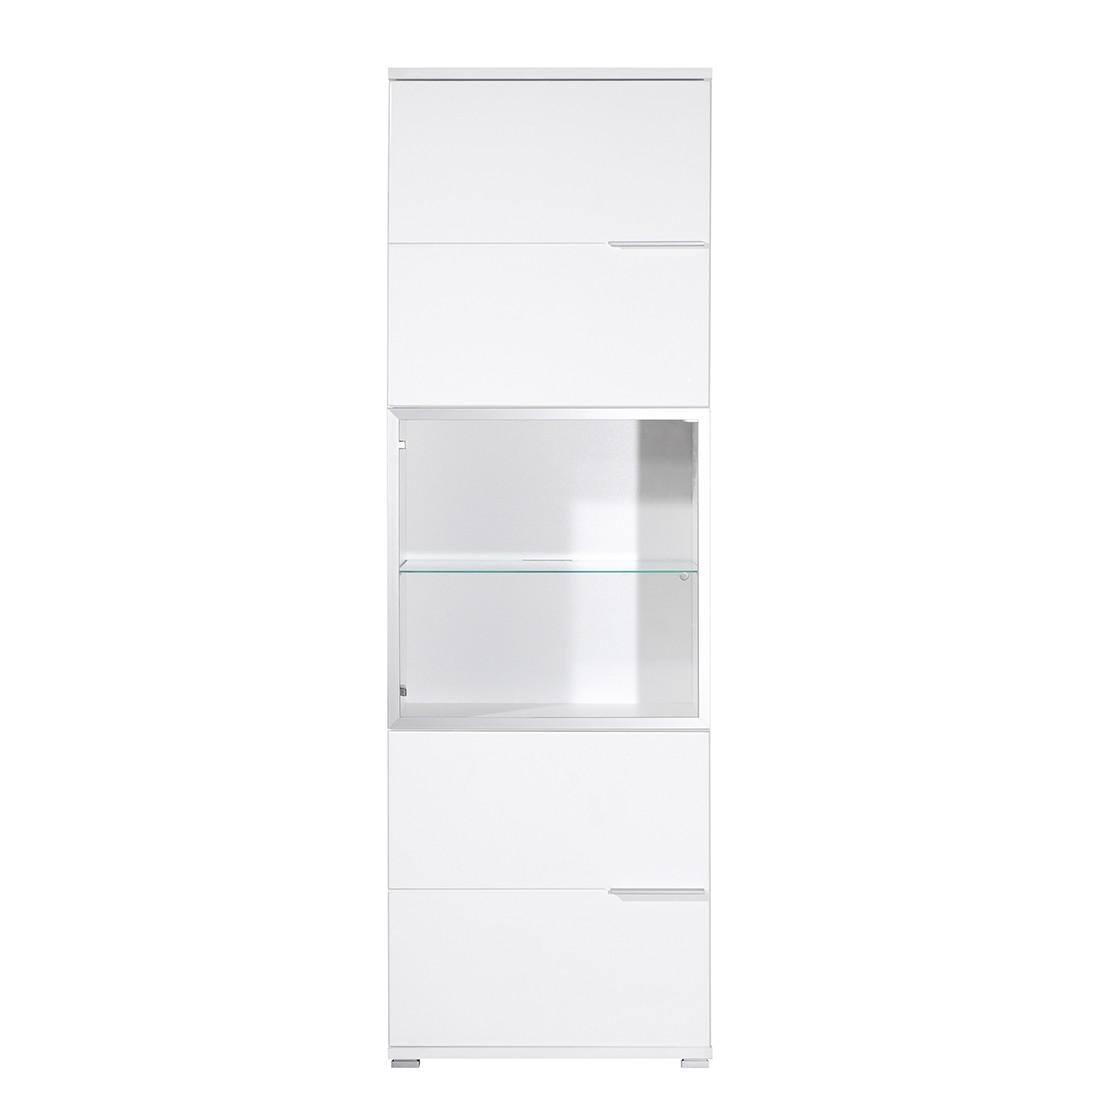 Küchenschrank weiß hoch  Küchenschrank Weiß Hoch | kochkor.info